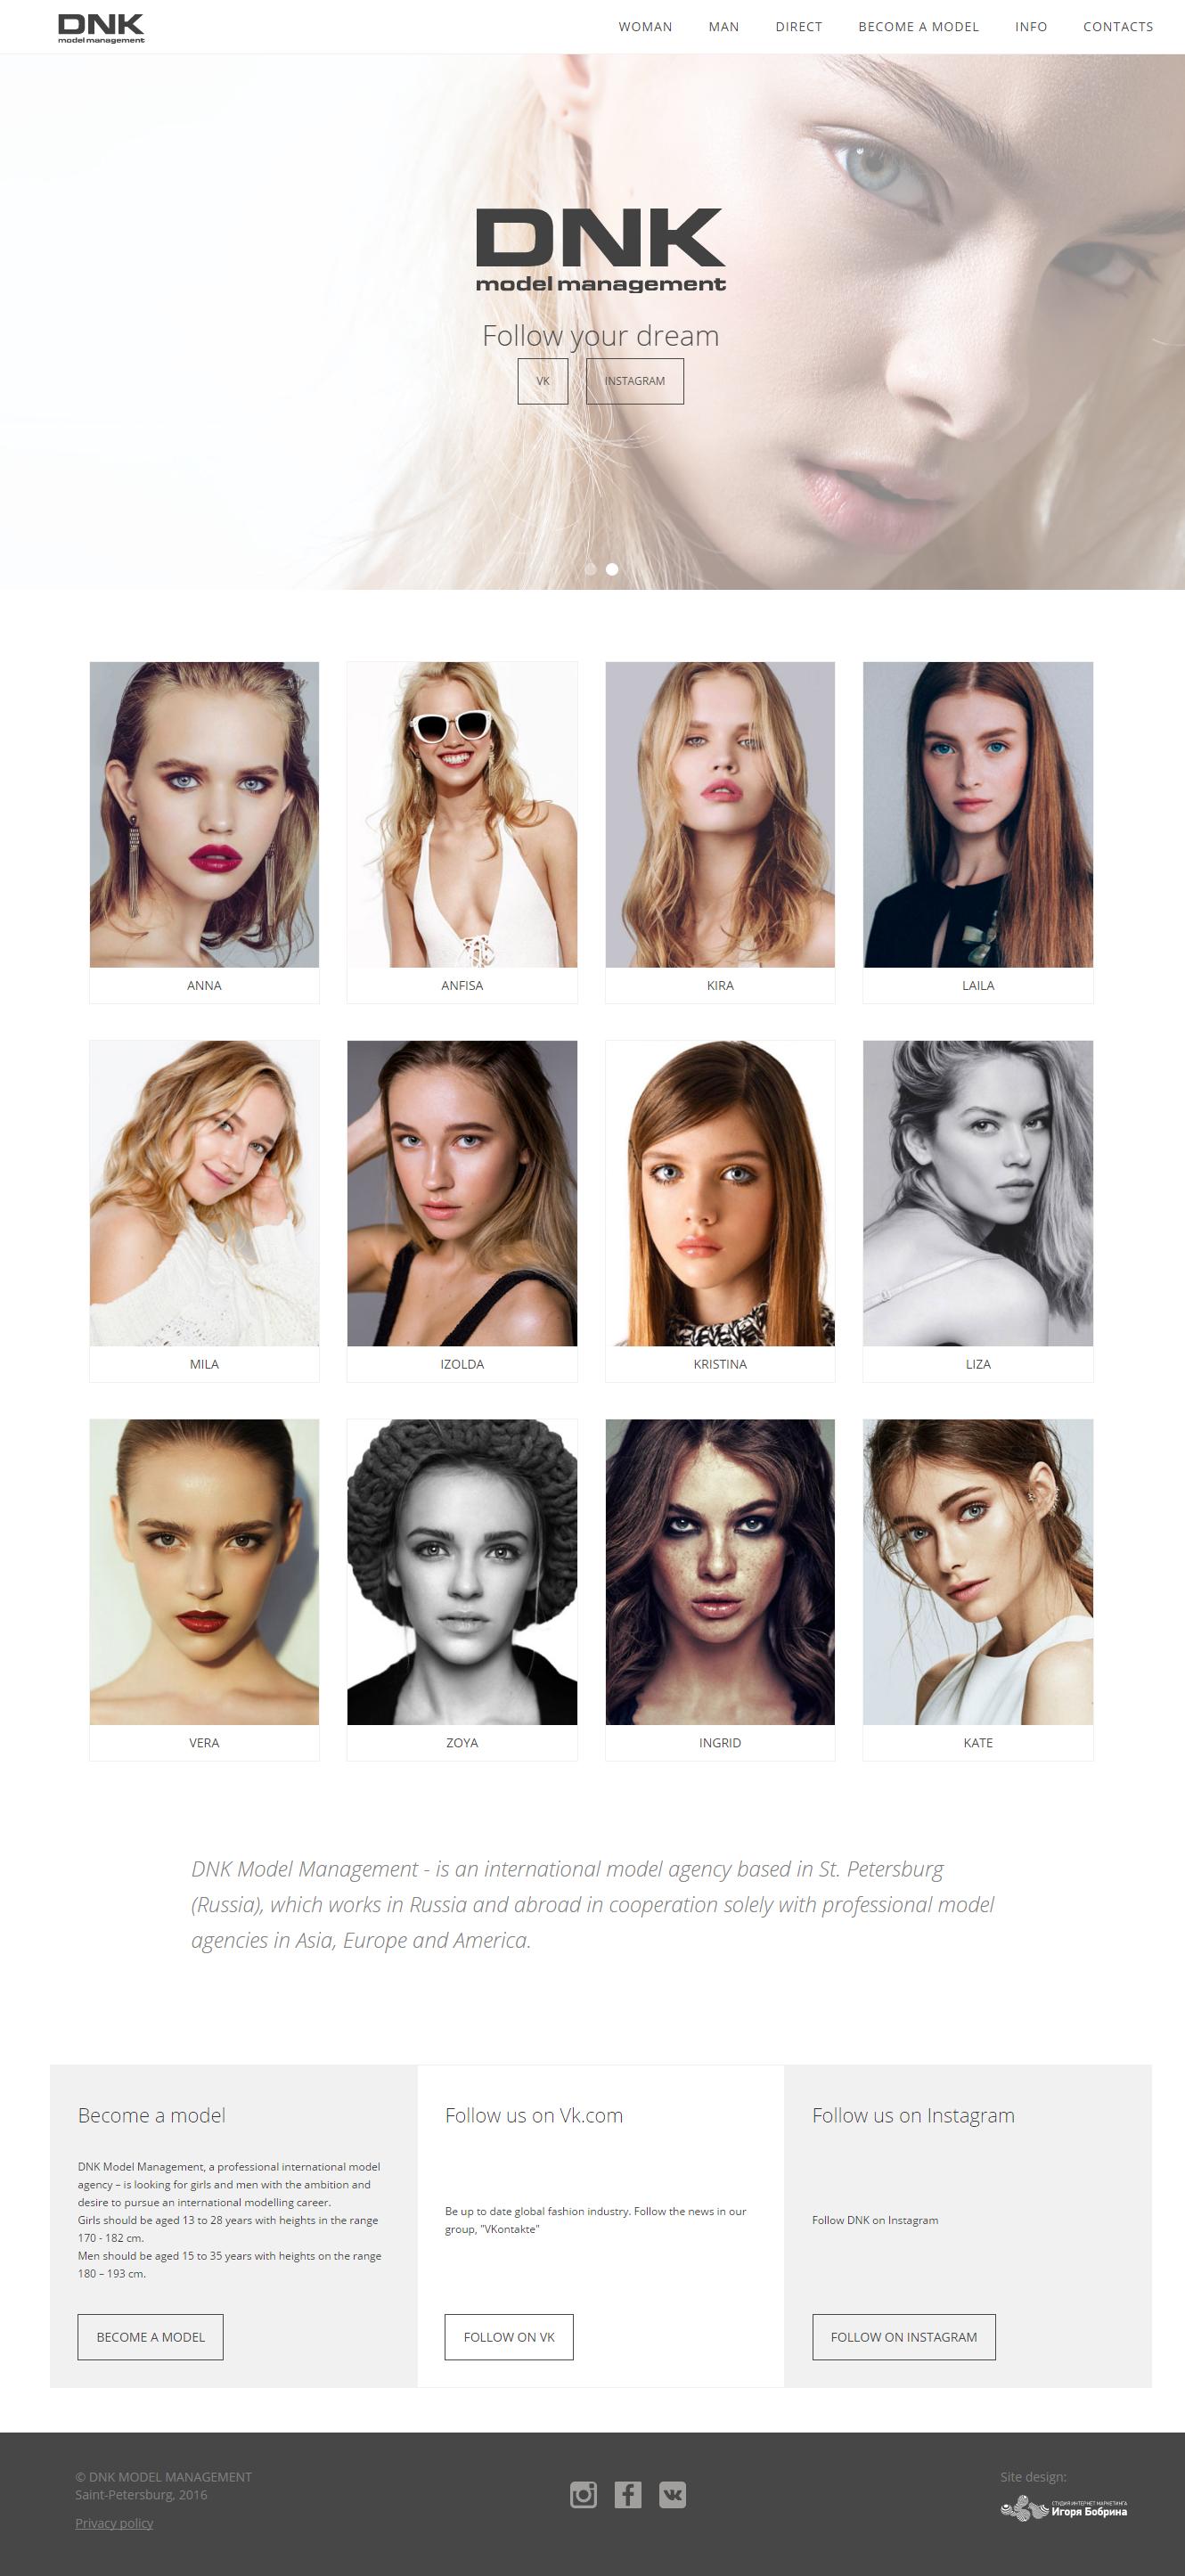 dnk-models